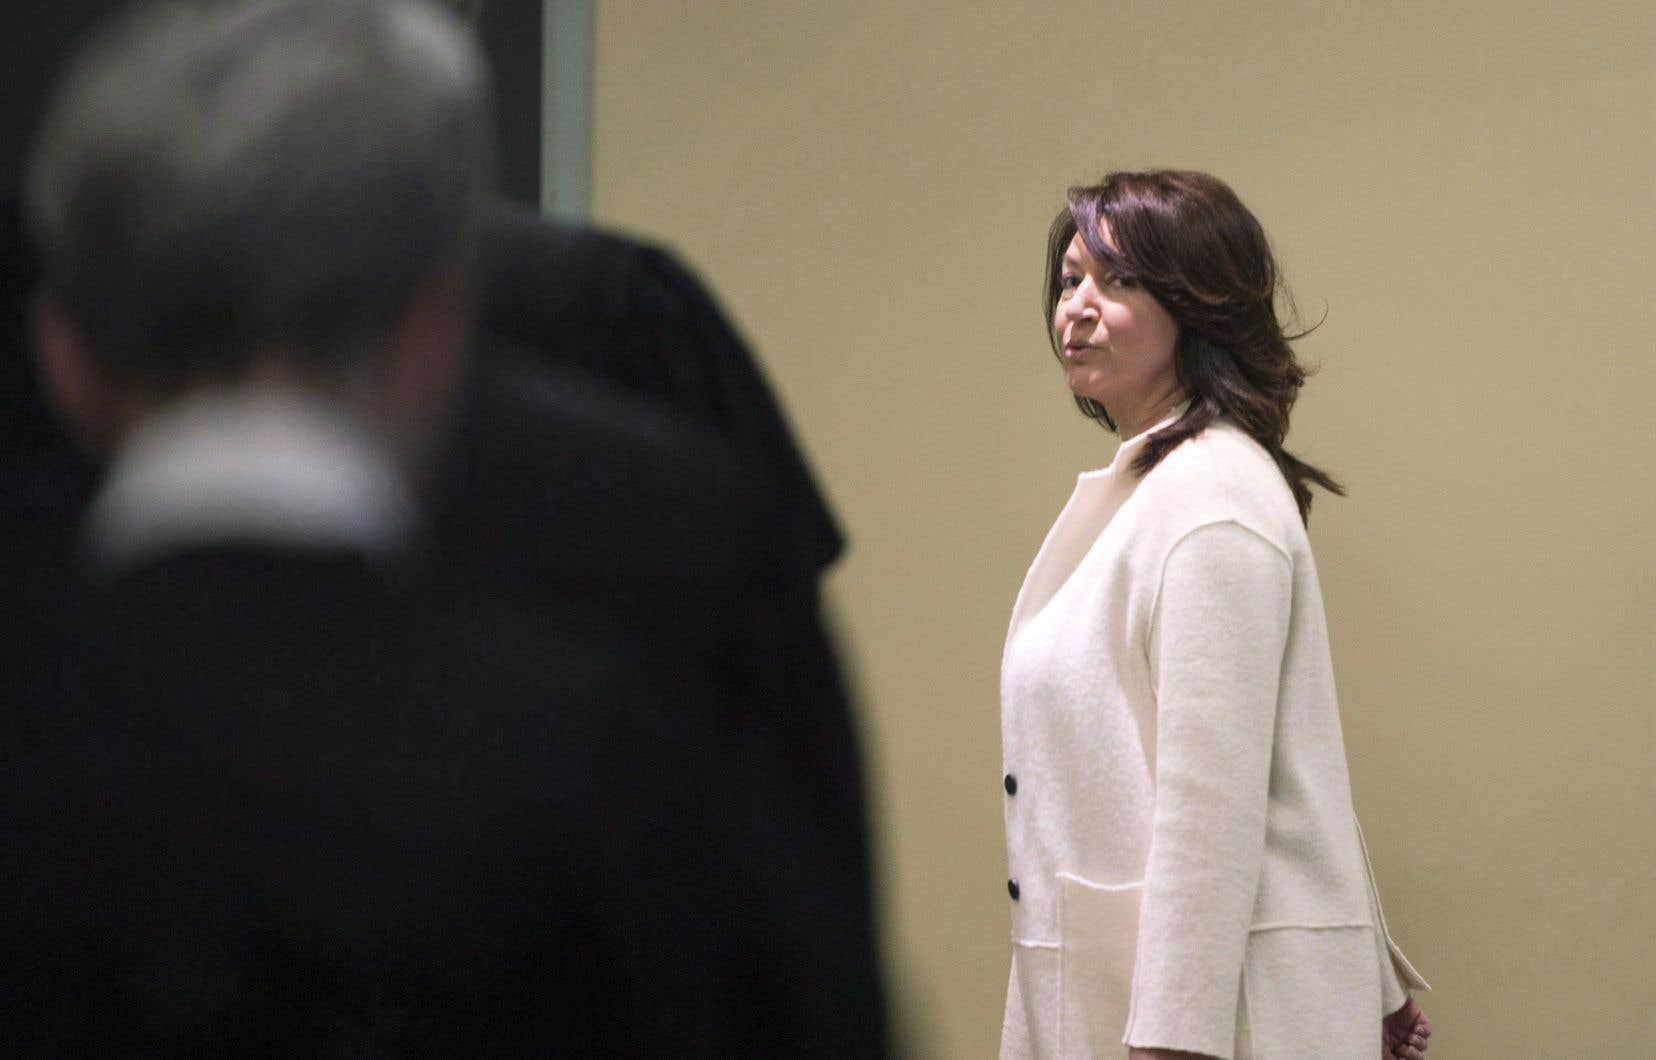 Il s'agit d'un rebondissement important dans l'«affaire Normandeau», car l'ex-ministre Nathalie Normandeau a toujours répété avoir «voulu un procès» afin de laver sa réputation au moyen d'un verdict de non-culpabilité de la cour.